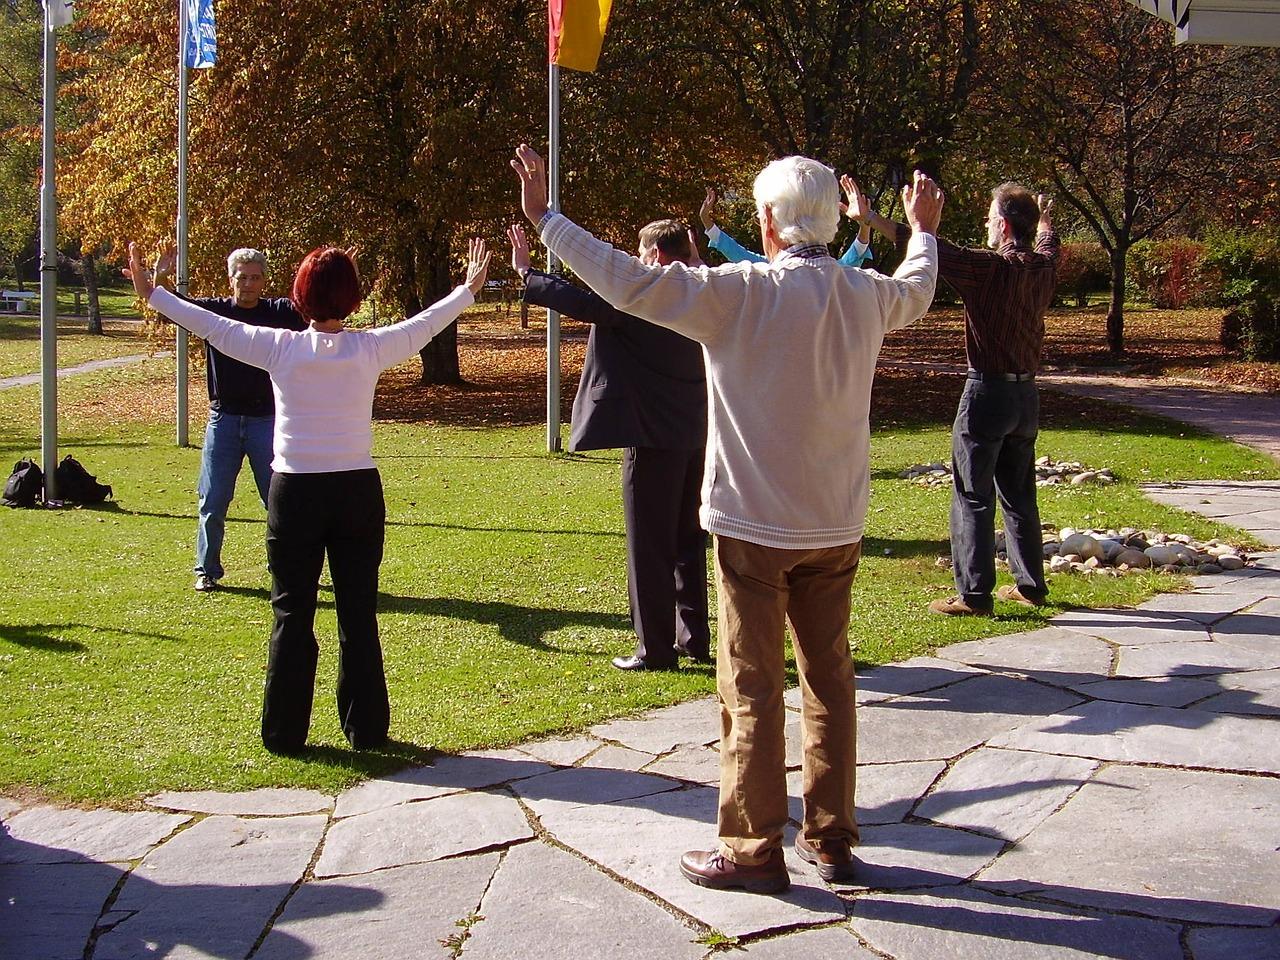 Seniorengymnastik - für die Gesundheit wichtig